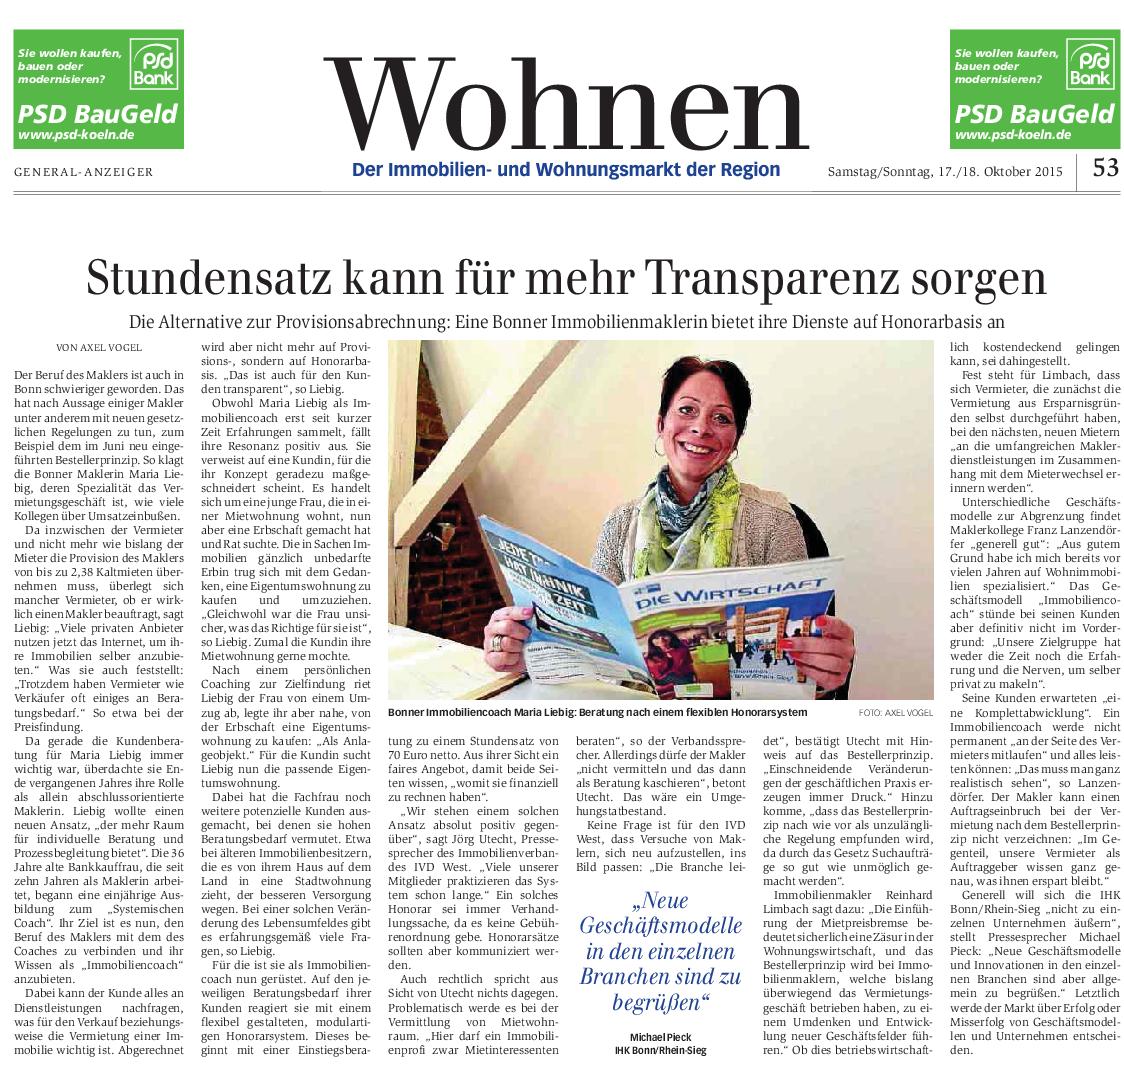 Artikel im Bonner Generalanzeiger zum ImmobilienCoaching von Maria Liebig